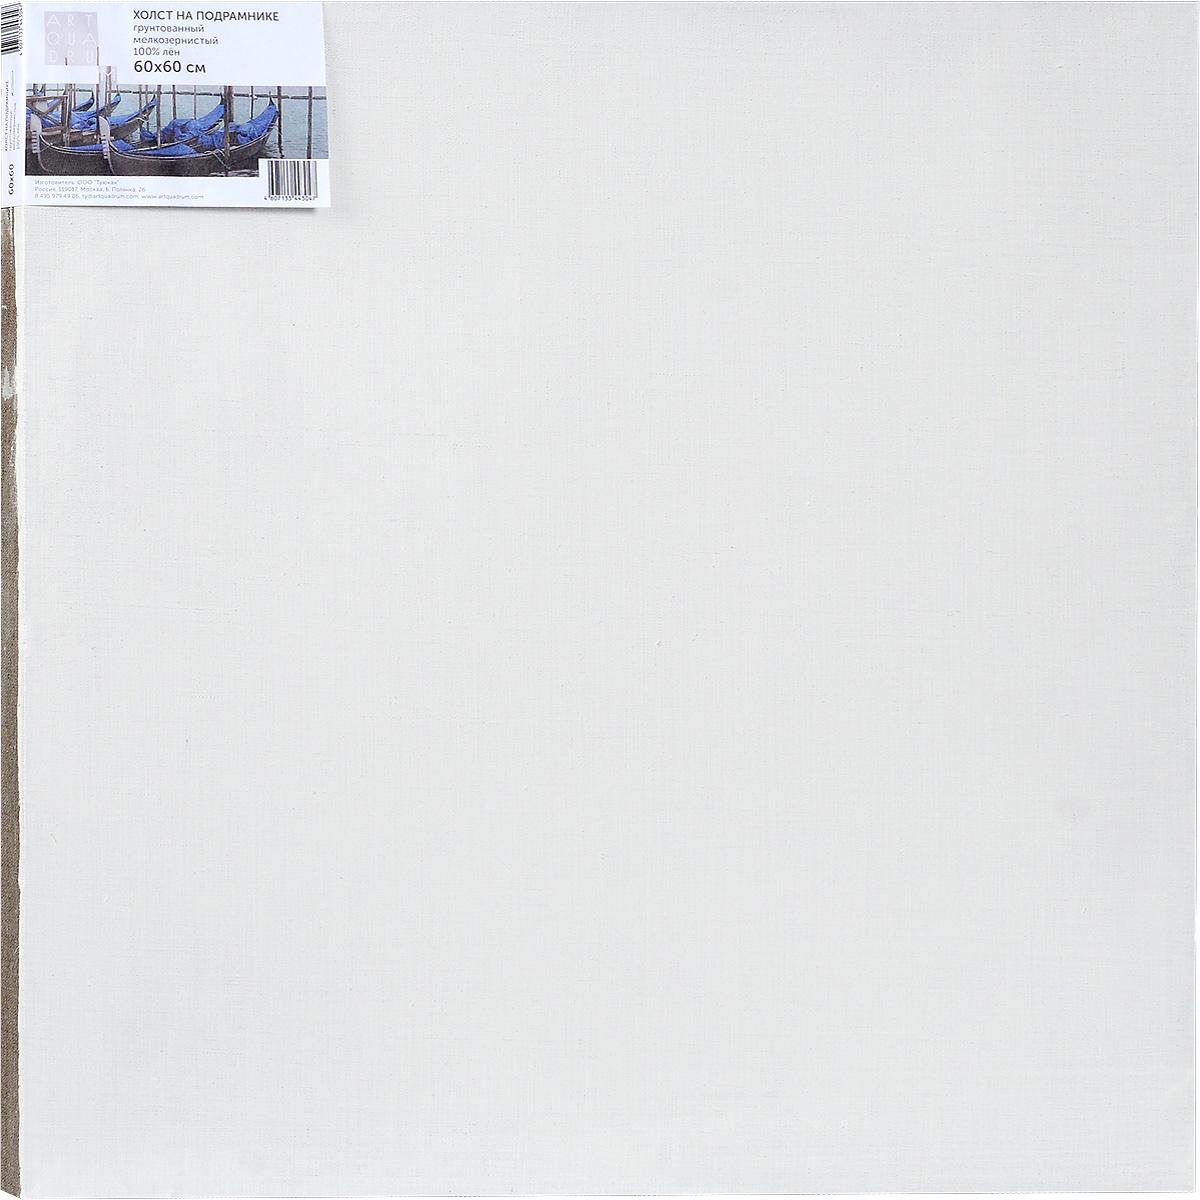 Холст ArtQuaDram Мелкозернистый на подрамнике, грунтованный, 60 х 60 смТ0003846Холст на деревянном подрамнике ArtQuaDram Мелкозернистый изготовлен из 100% натурального льна. Подходит для профессионалов и художников. Холст не трескается, не впитывает слишком много краски, цвет краски и качество не изменяются. Холст идеально подходит для масляной и акриловой живописи.